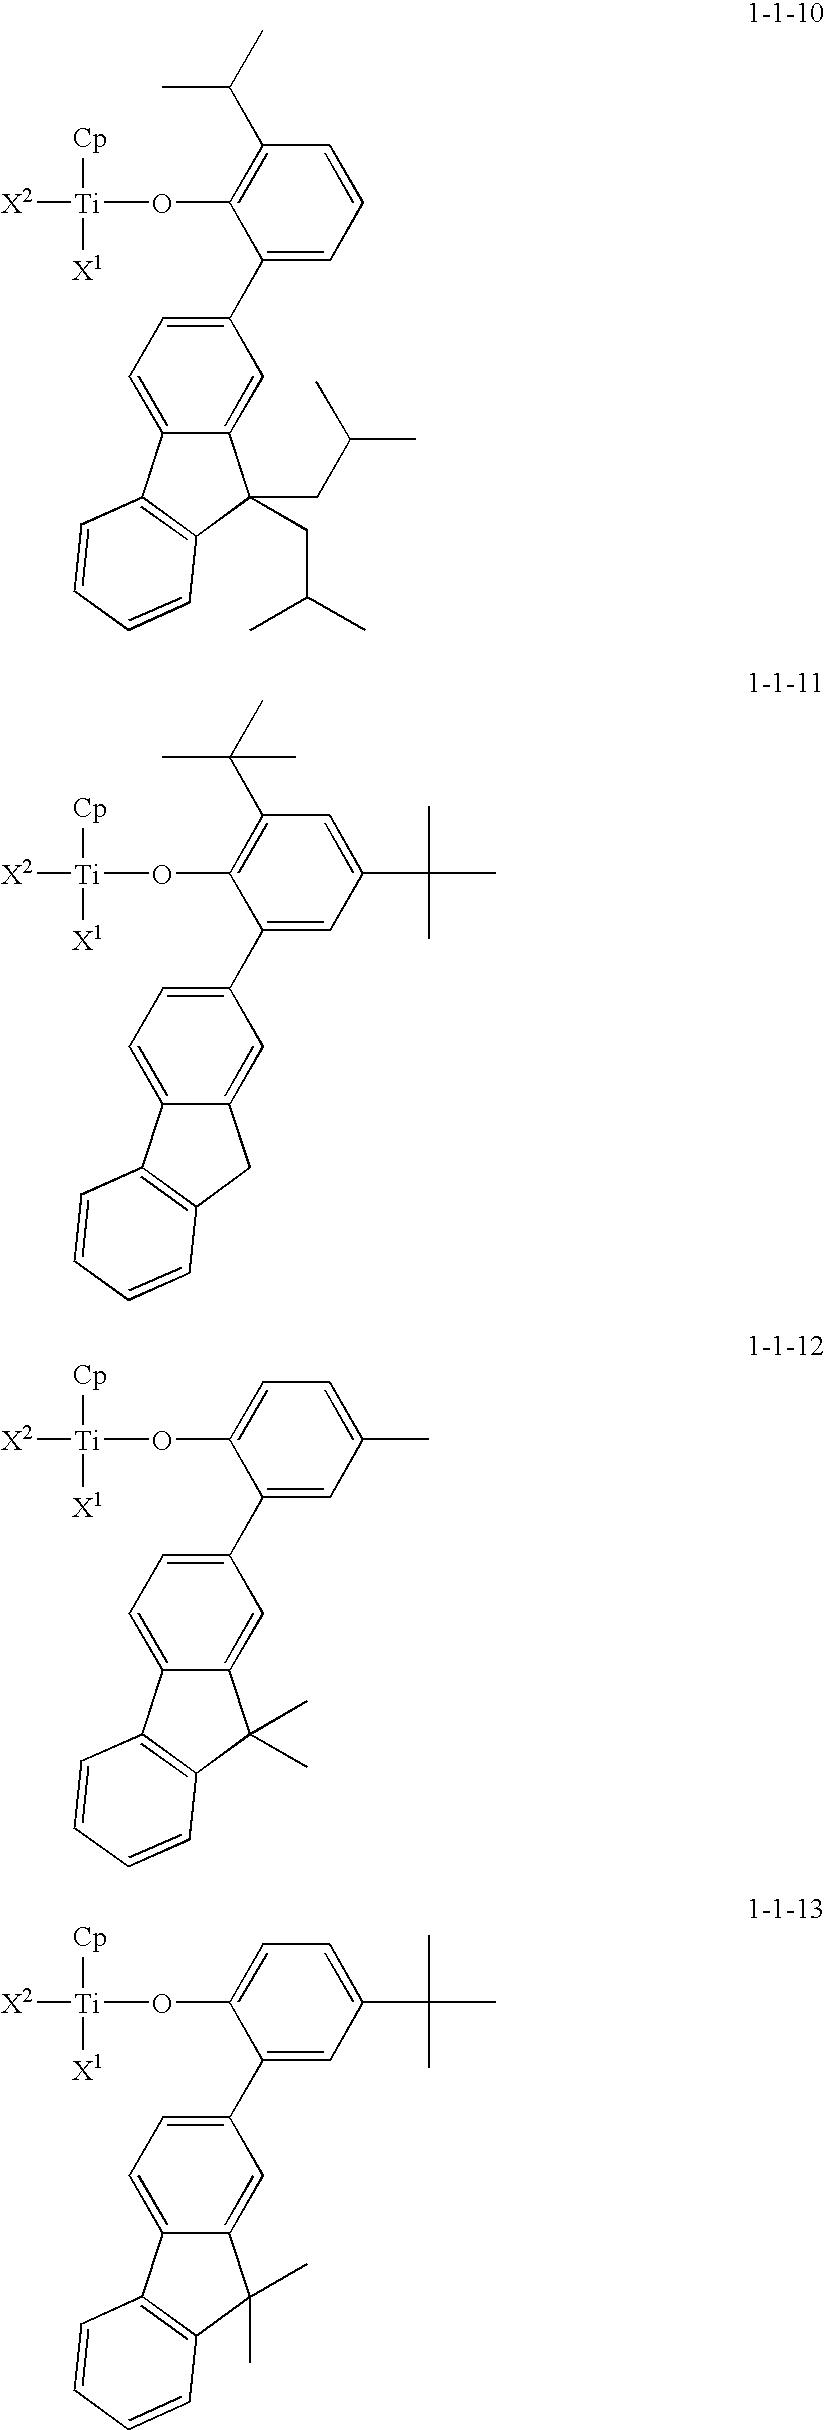 Figure US20100081776A1-20100401-C00072